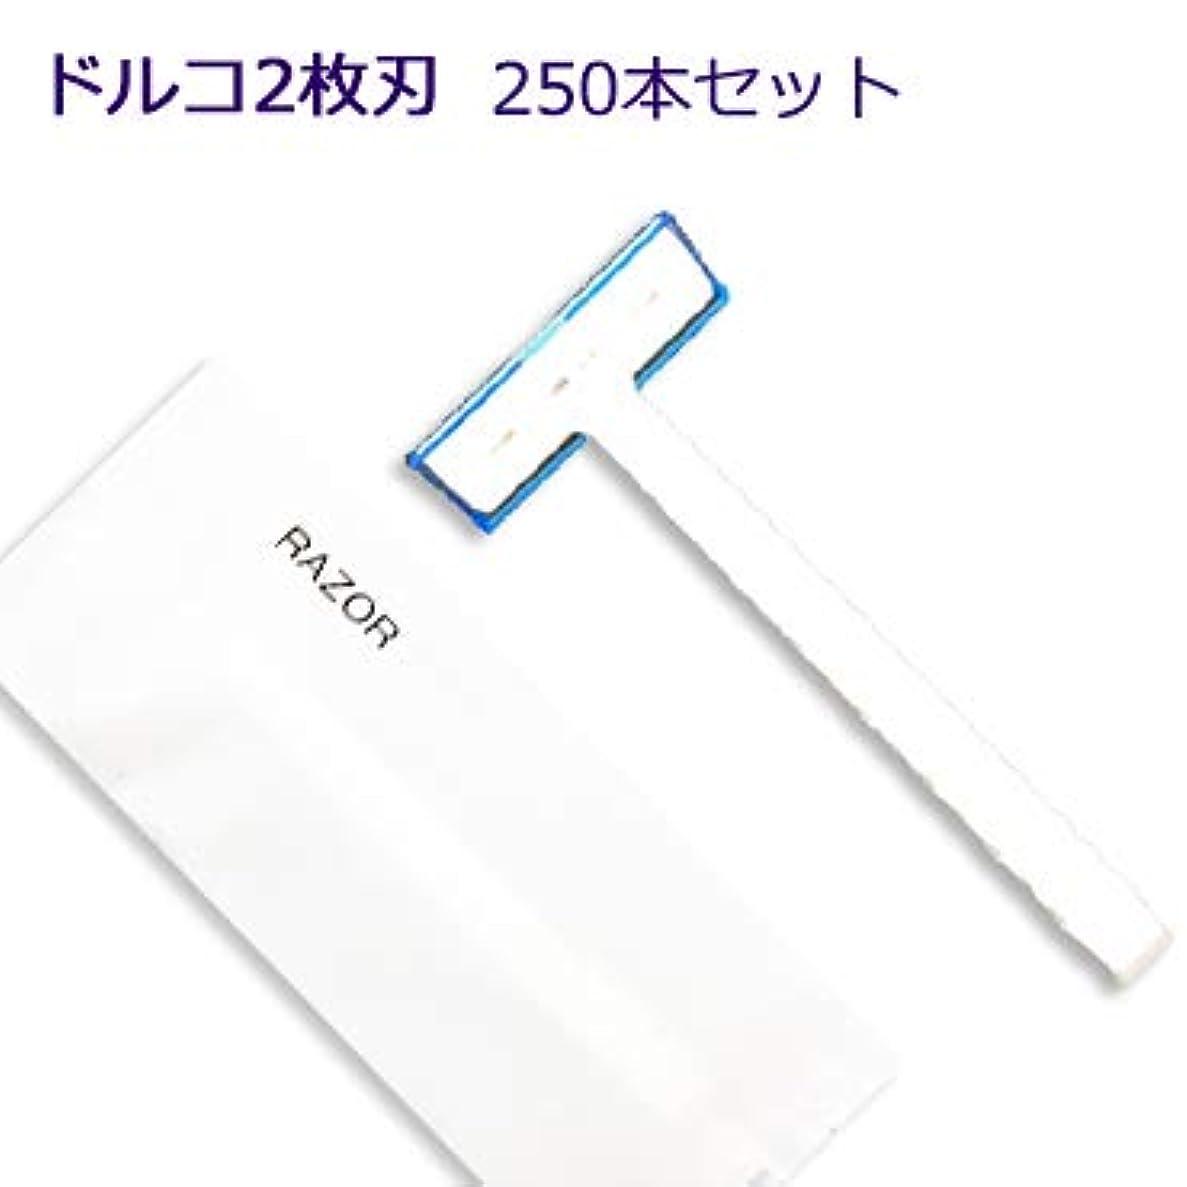 トラクター生命体氏ホテル業務用 カミソリ マットシリーズ ドルコ 2枚刃 (1セット250個入)